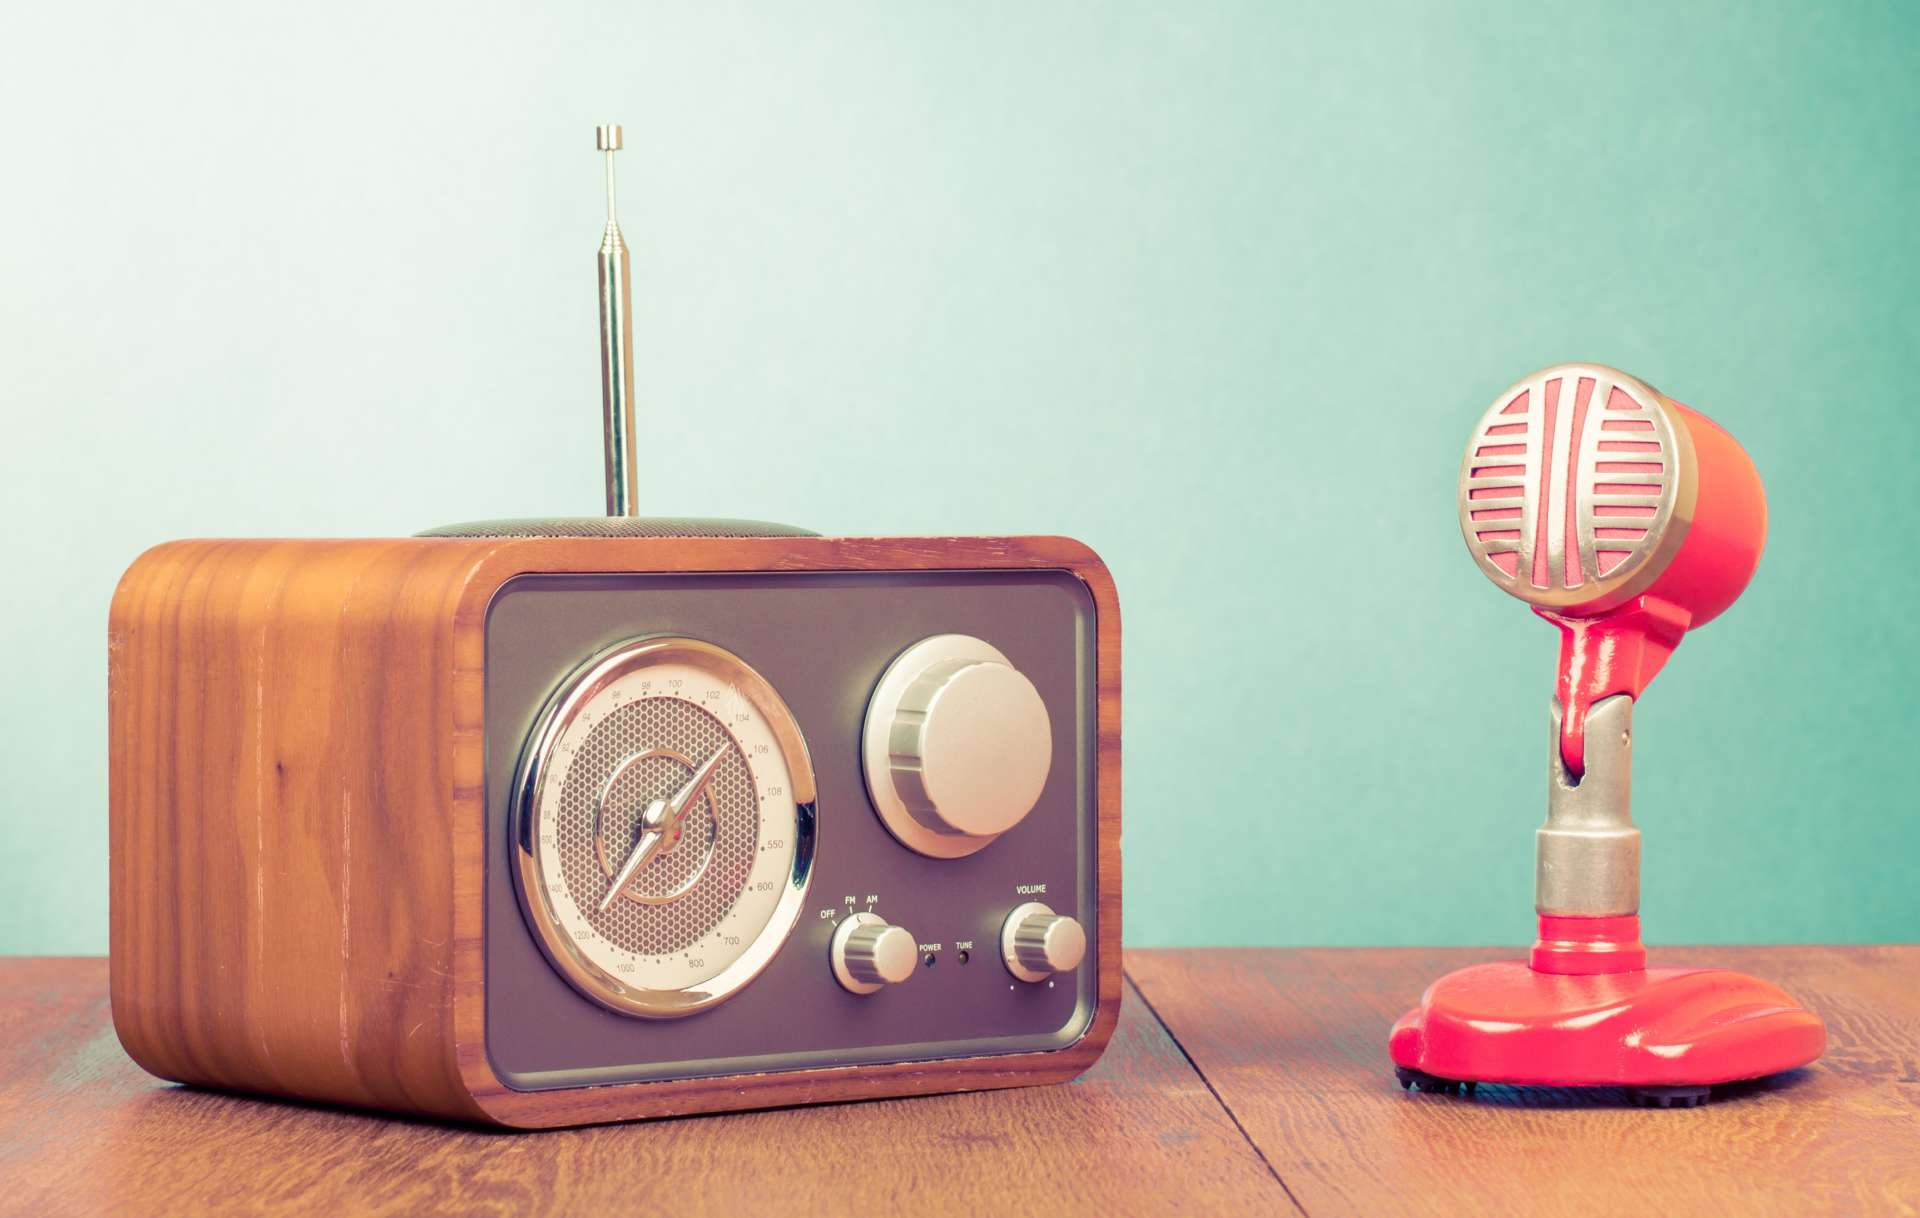 Podcast busca patrocinador   Innovación Audiovisual